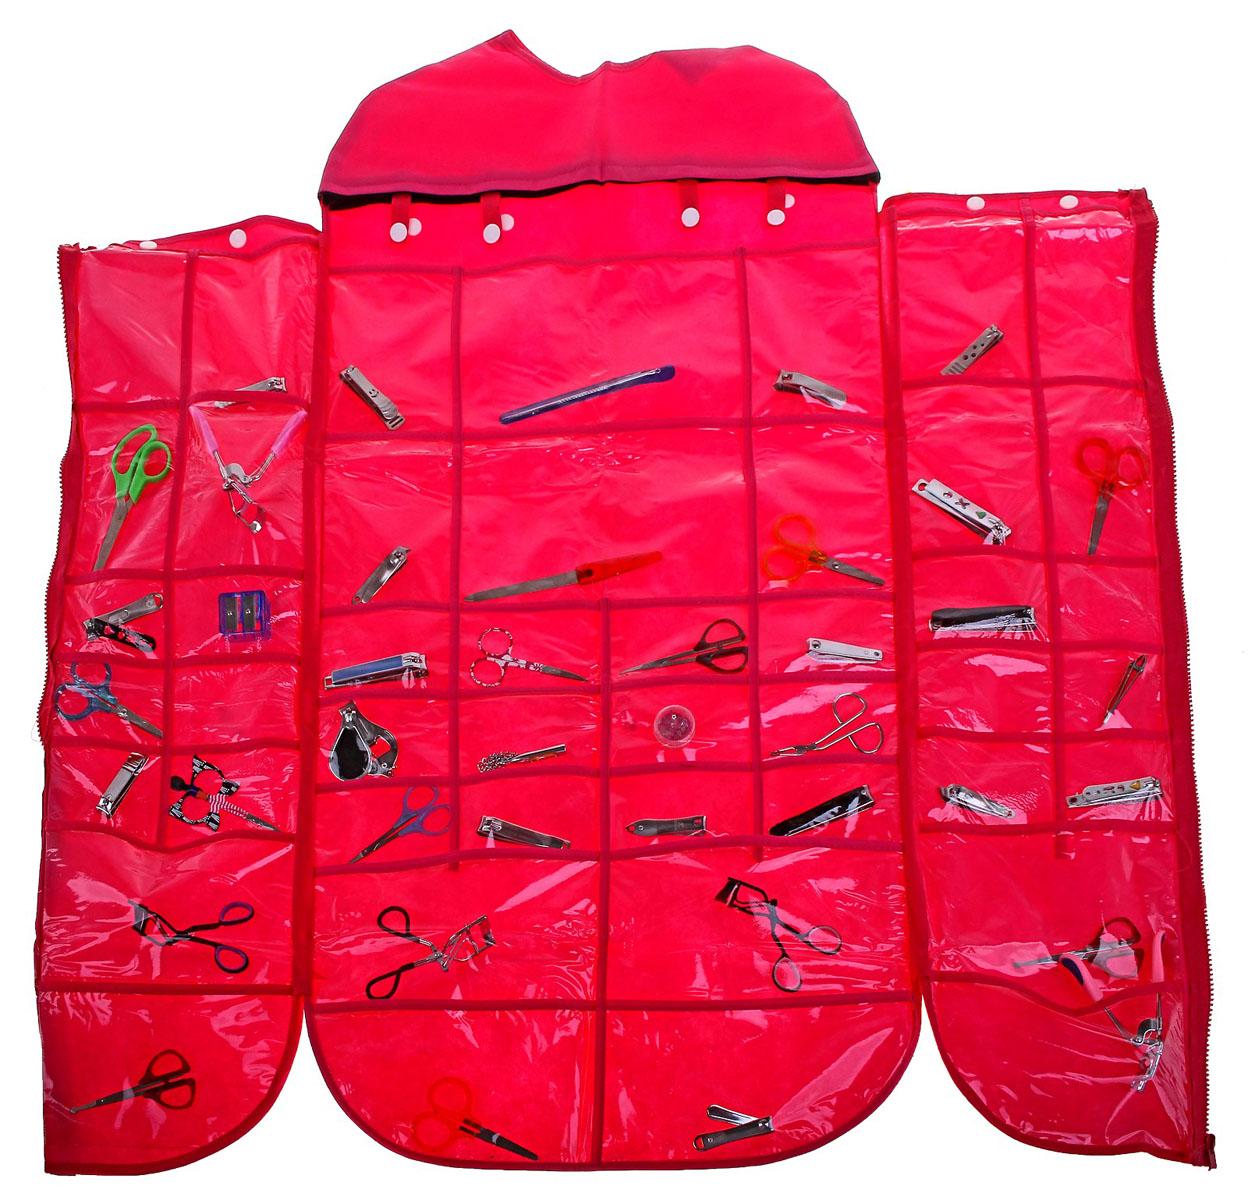 Органайзер для хранения вещей Sima-land, цвет: розовый, 46 отделений710523Органайзер Sima-land, изготовленный из ПВХ и текстиля, предназначен для хранения необходимых вещей, множества мелочей в гардеробной, ванной, детской комнатах. Изделие оснащено застежкой-молнией и 46 прозрачными карманами разного размера и формы, пришитыми к текстильному полотну. Органайзер можно повесить в любом удобном для вас месте с помощью вешалки. Этот нужный предмет может стать одновременно и декоративным элементом комнаты. Яркий дизайн, как ничто иное, способен оживить интерьер вашего дома.Размер самого большого отделения: 22 см х 13,5 см.Размер самого маленького отделения: 8,5 см х 6,5 см.